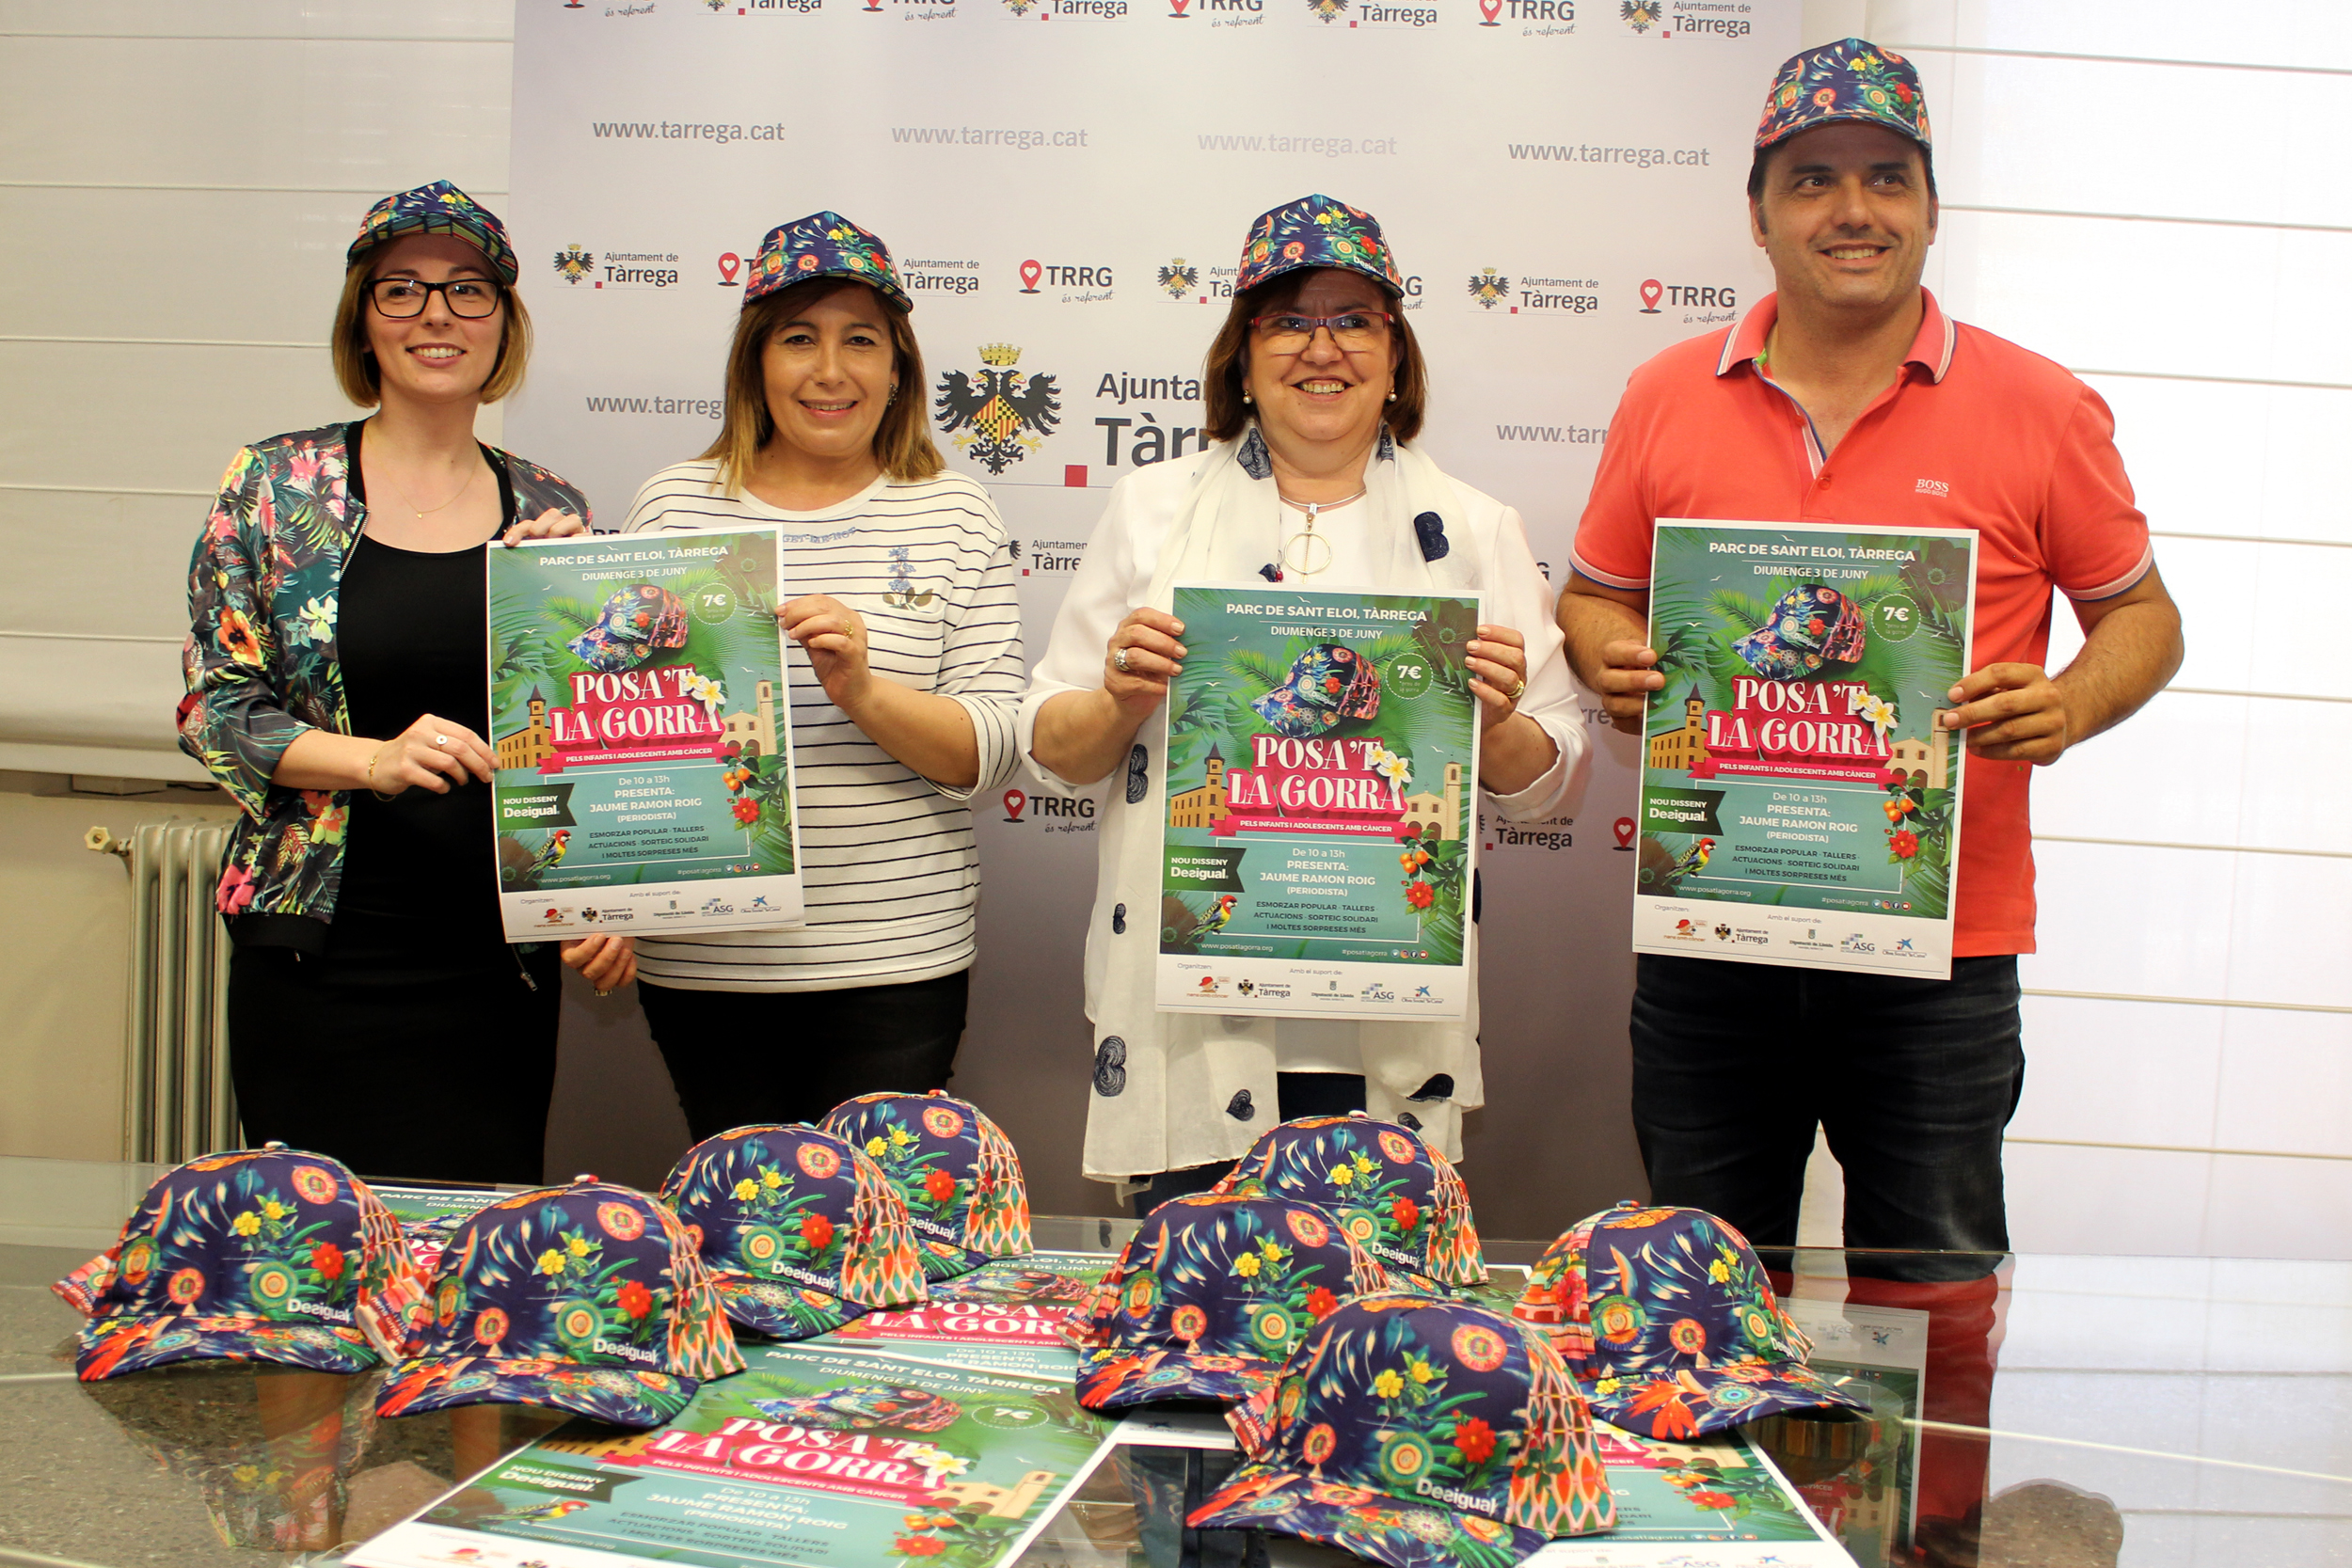 """Tàrrega celebrarà una nova edició de la festa solidària """"Posa't la Gorra"""" contra el càncer infantil el diumenge 3 de juny"""